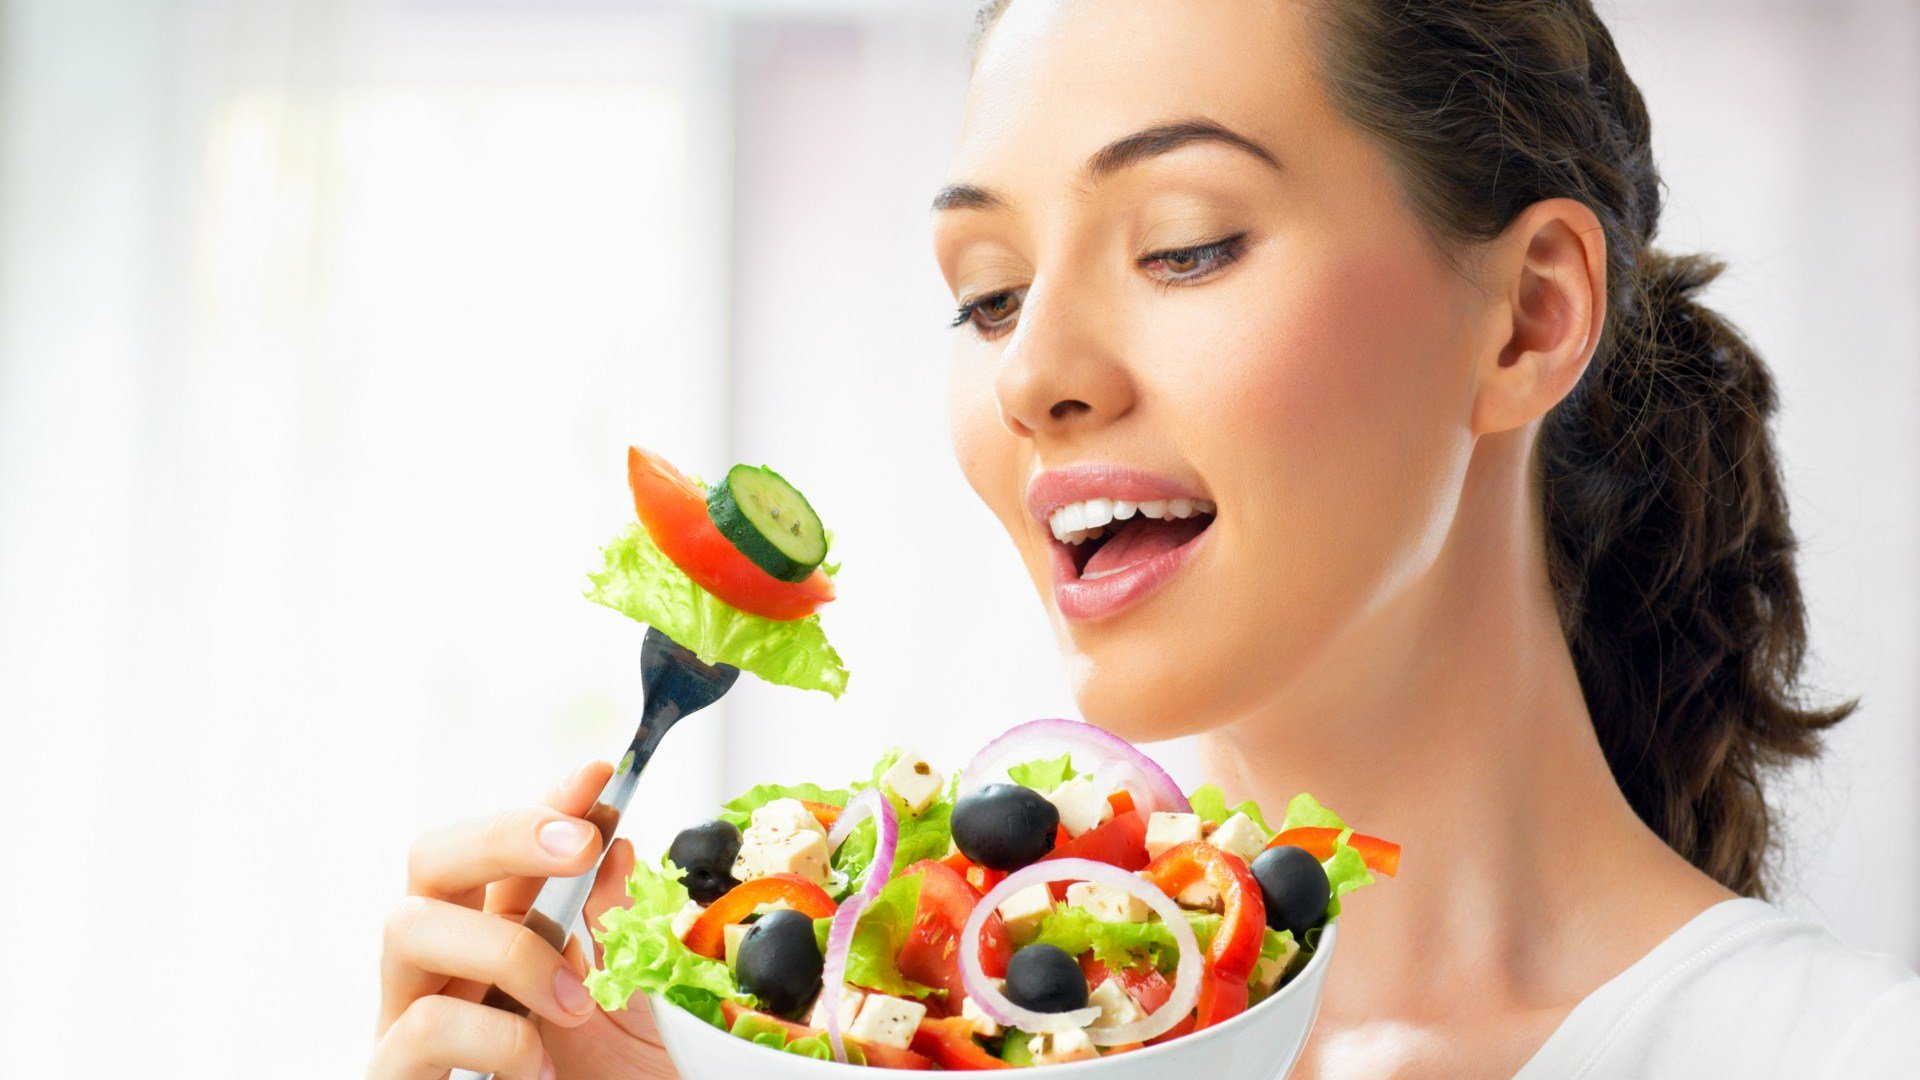 Как Здорово Диета. Как питаться здорово и вкусно